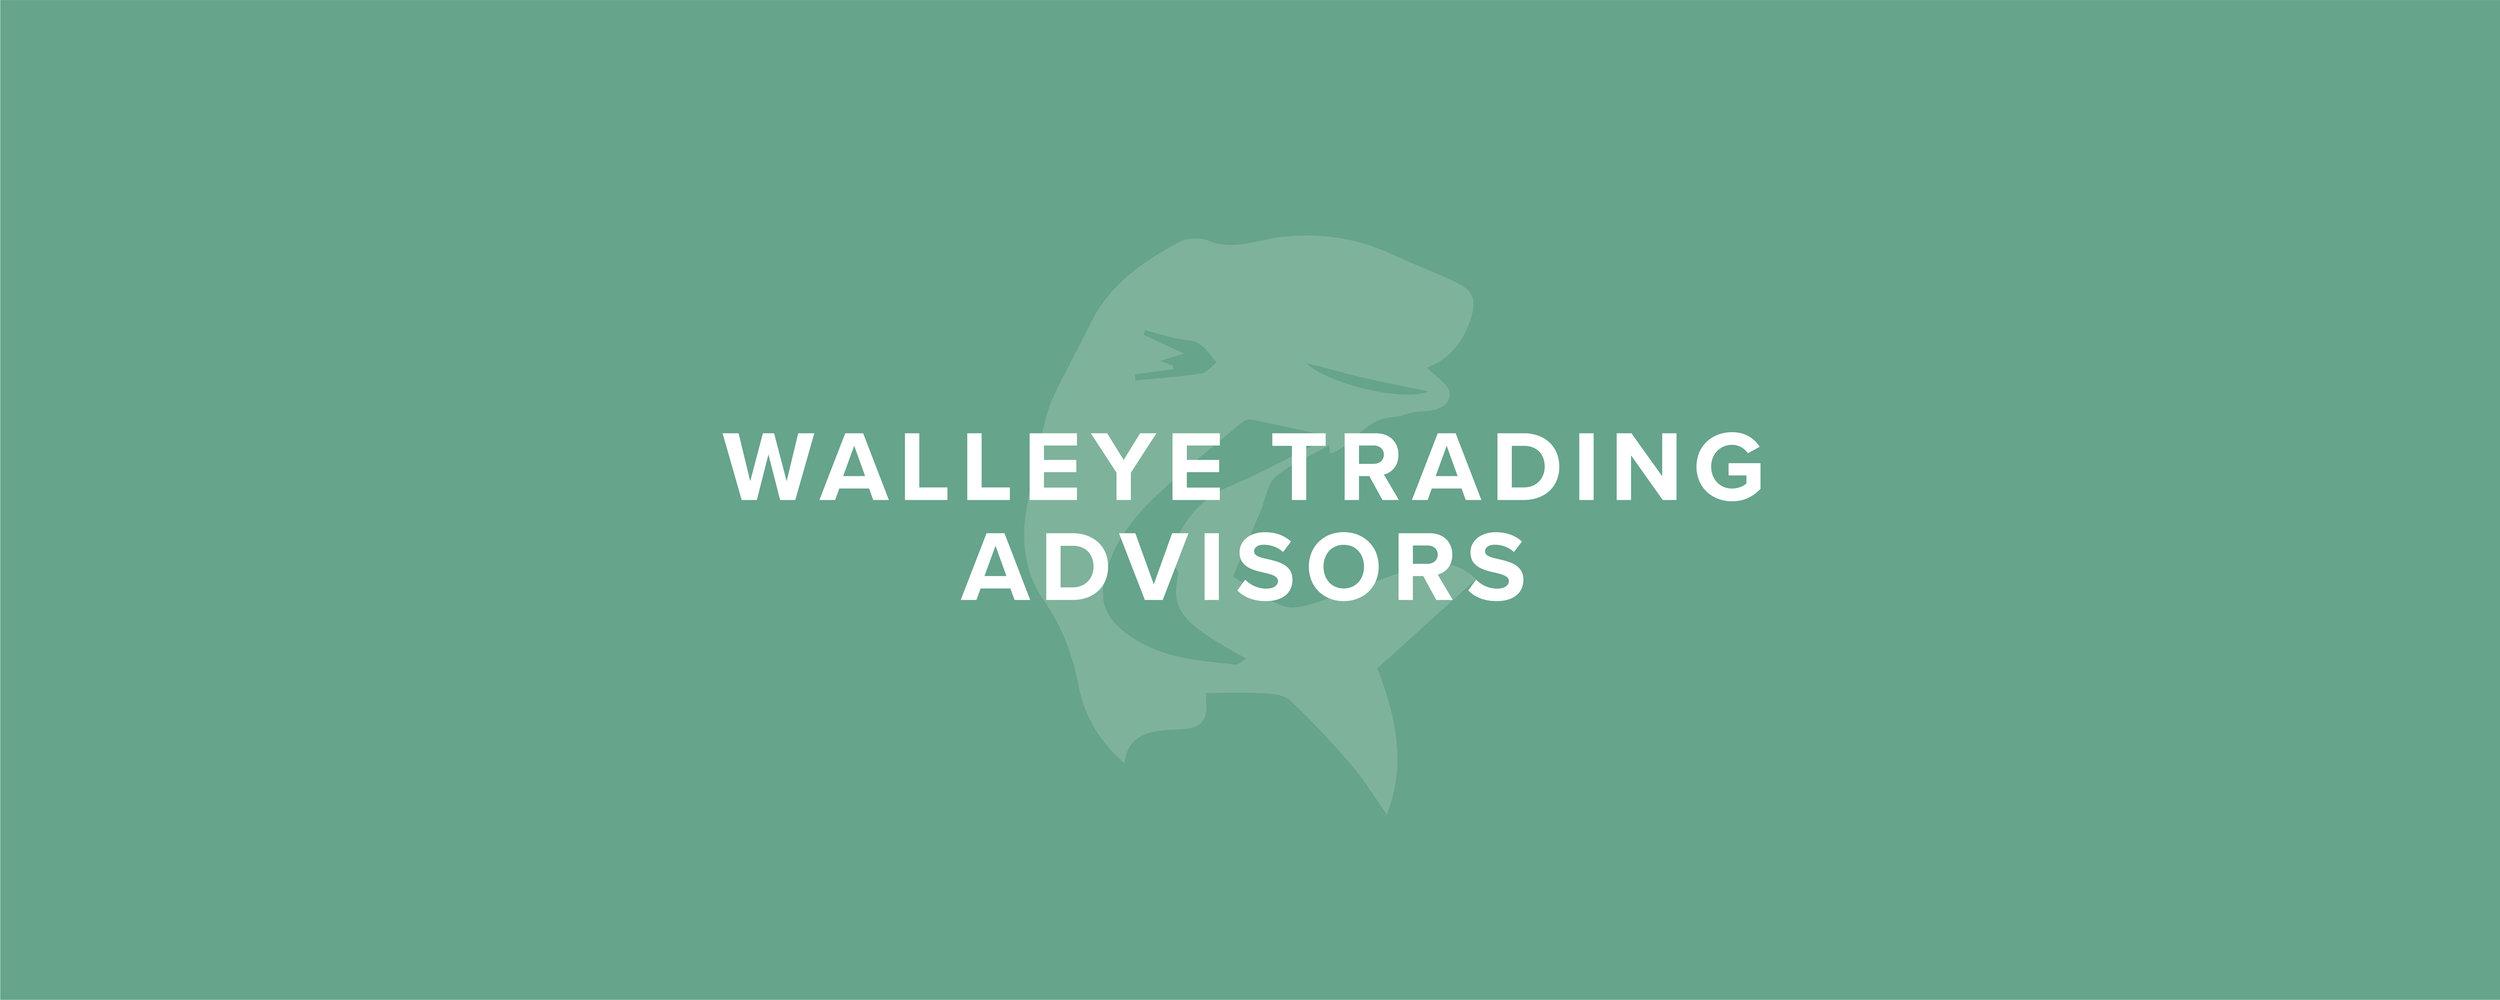 Walleye-Website-Hero-Graphics-13.jpg